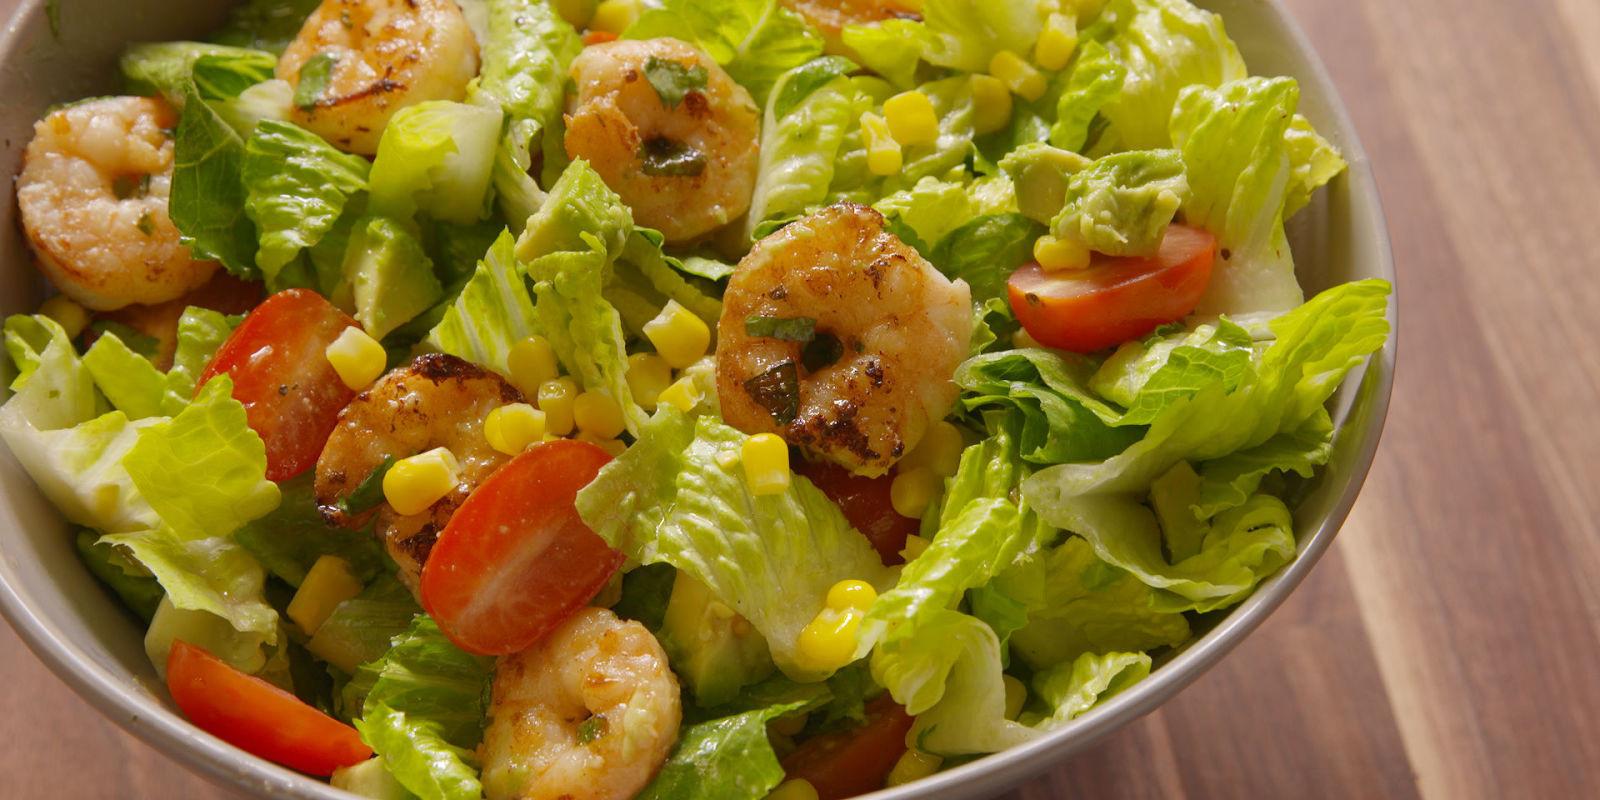 Shrimp Taco Salad  Best Shrimp Taco Salad Recipe How To Make Shrimp Taco Salad